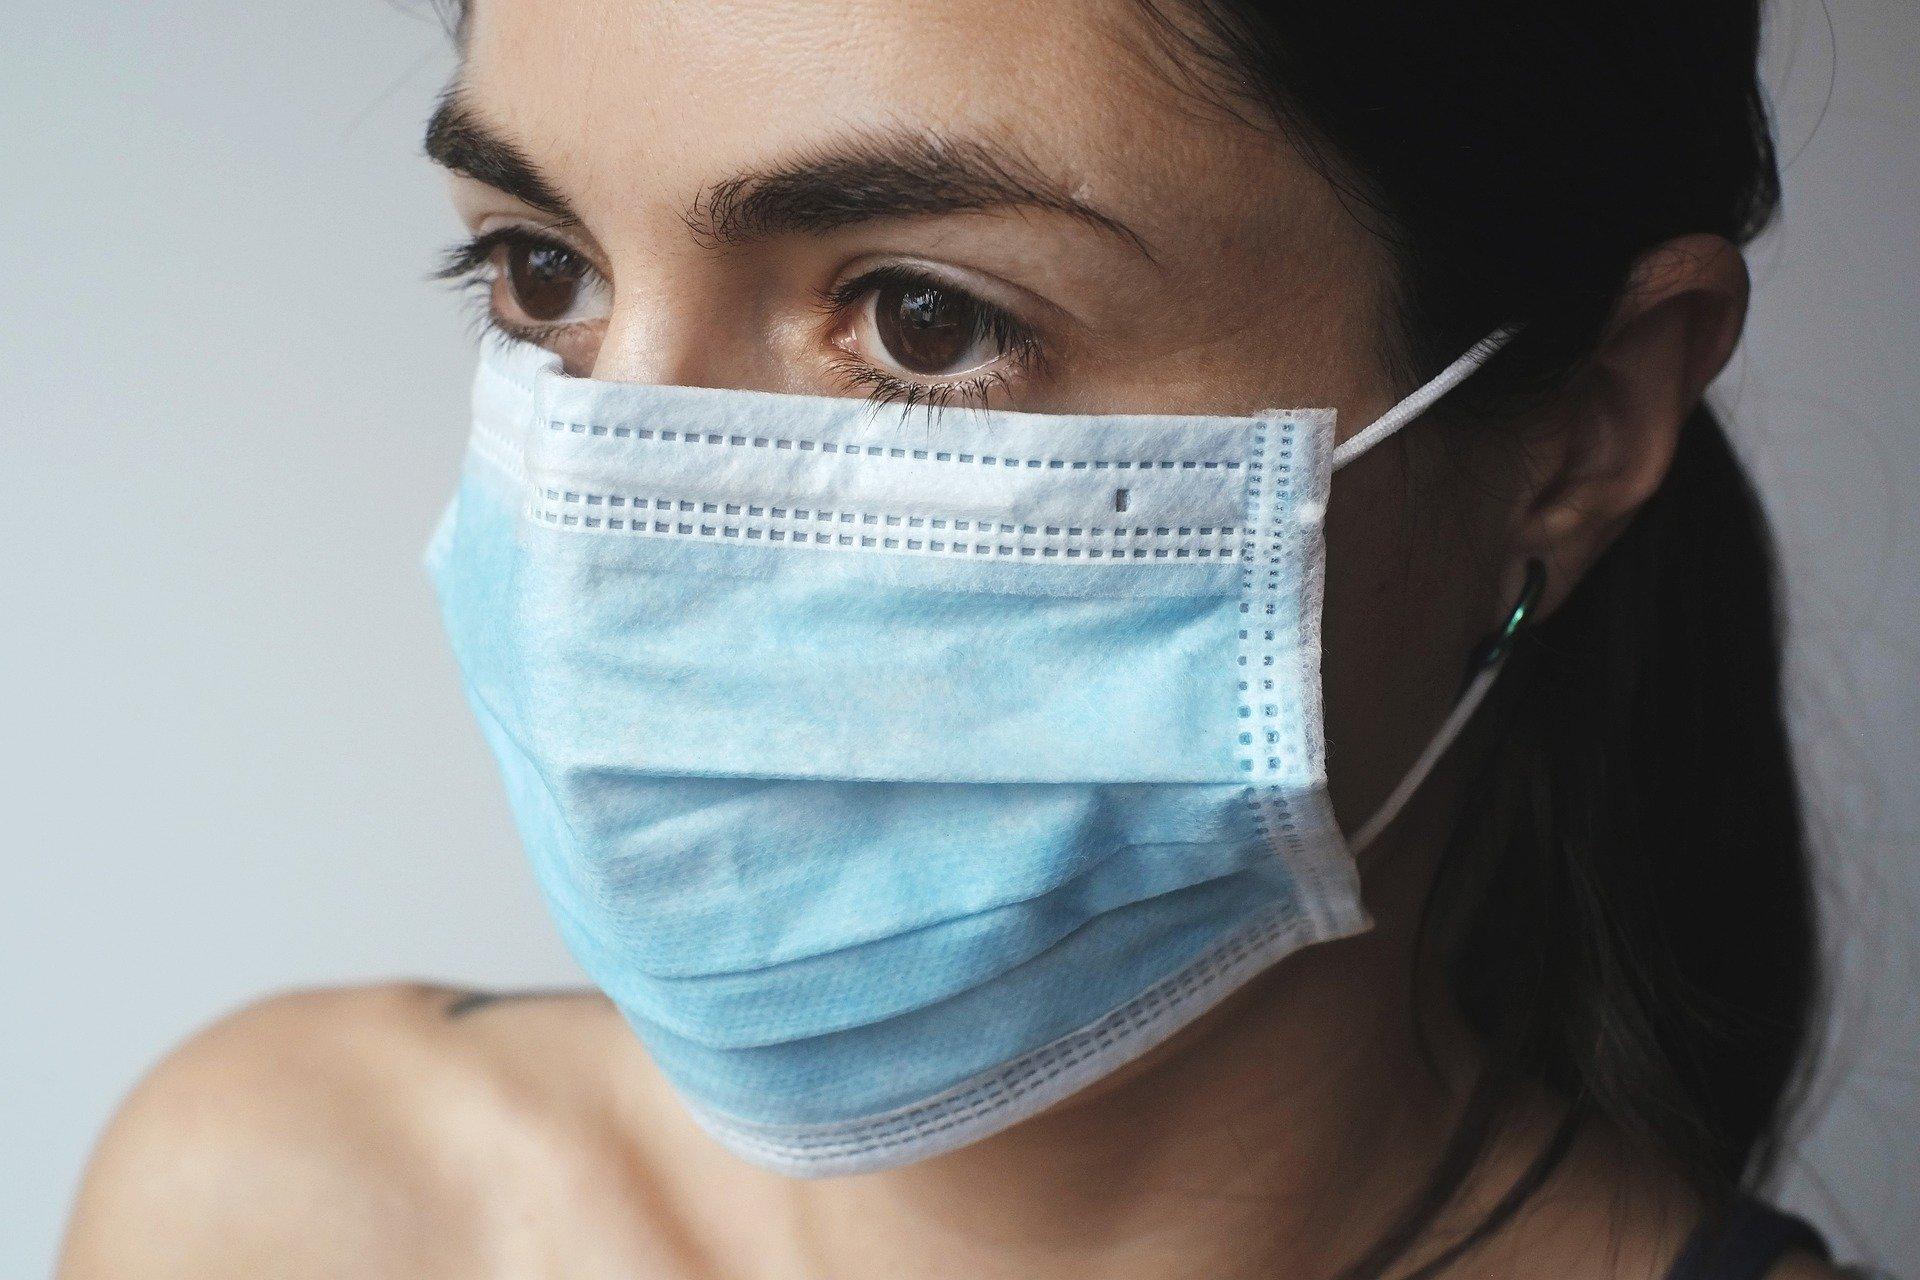 bilim-insanlarindan-sira-disi-iddia-maskeler-kaba-bir-asi-etkisi-yapabilir-9417-dhaphoto1.jpg